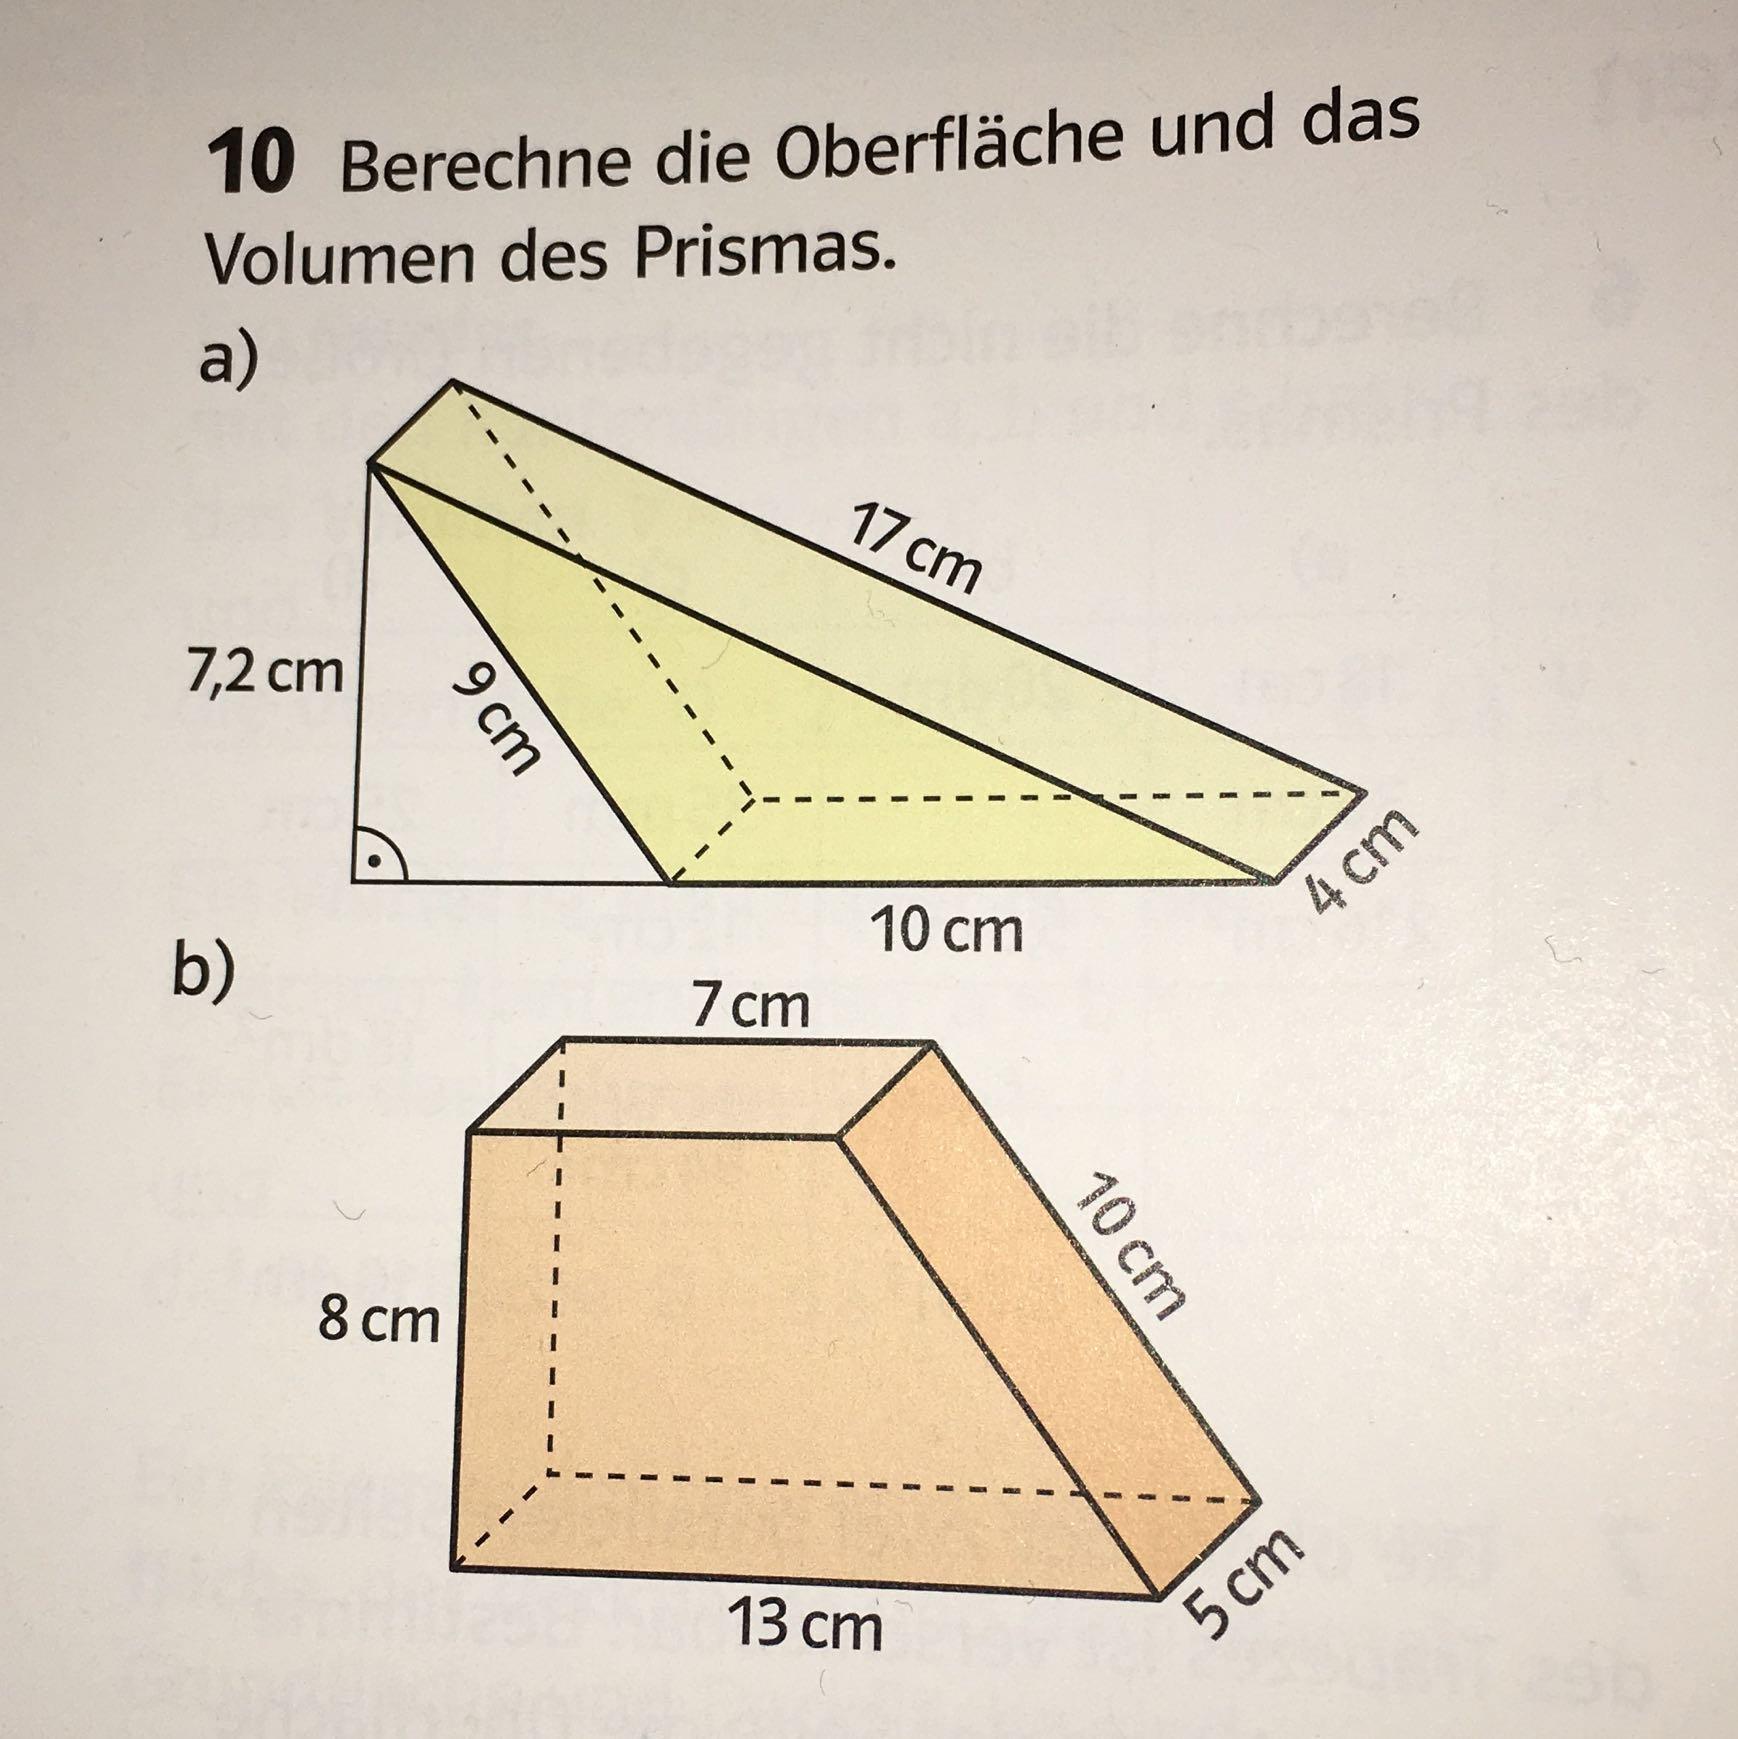 Groß Oberfläche Und Volumen Eines Prismas Arbeitsblatt Galerie ...